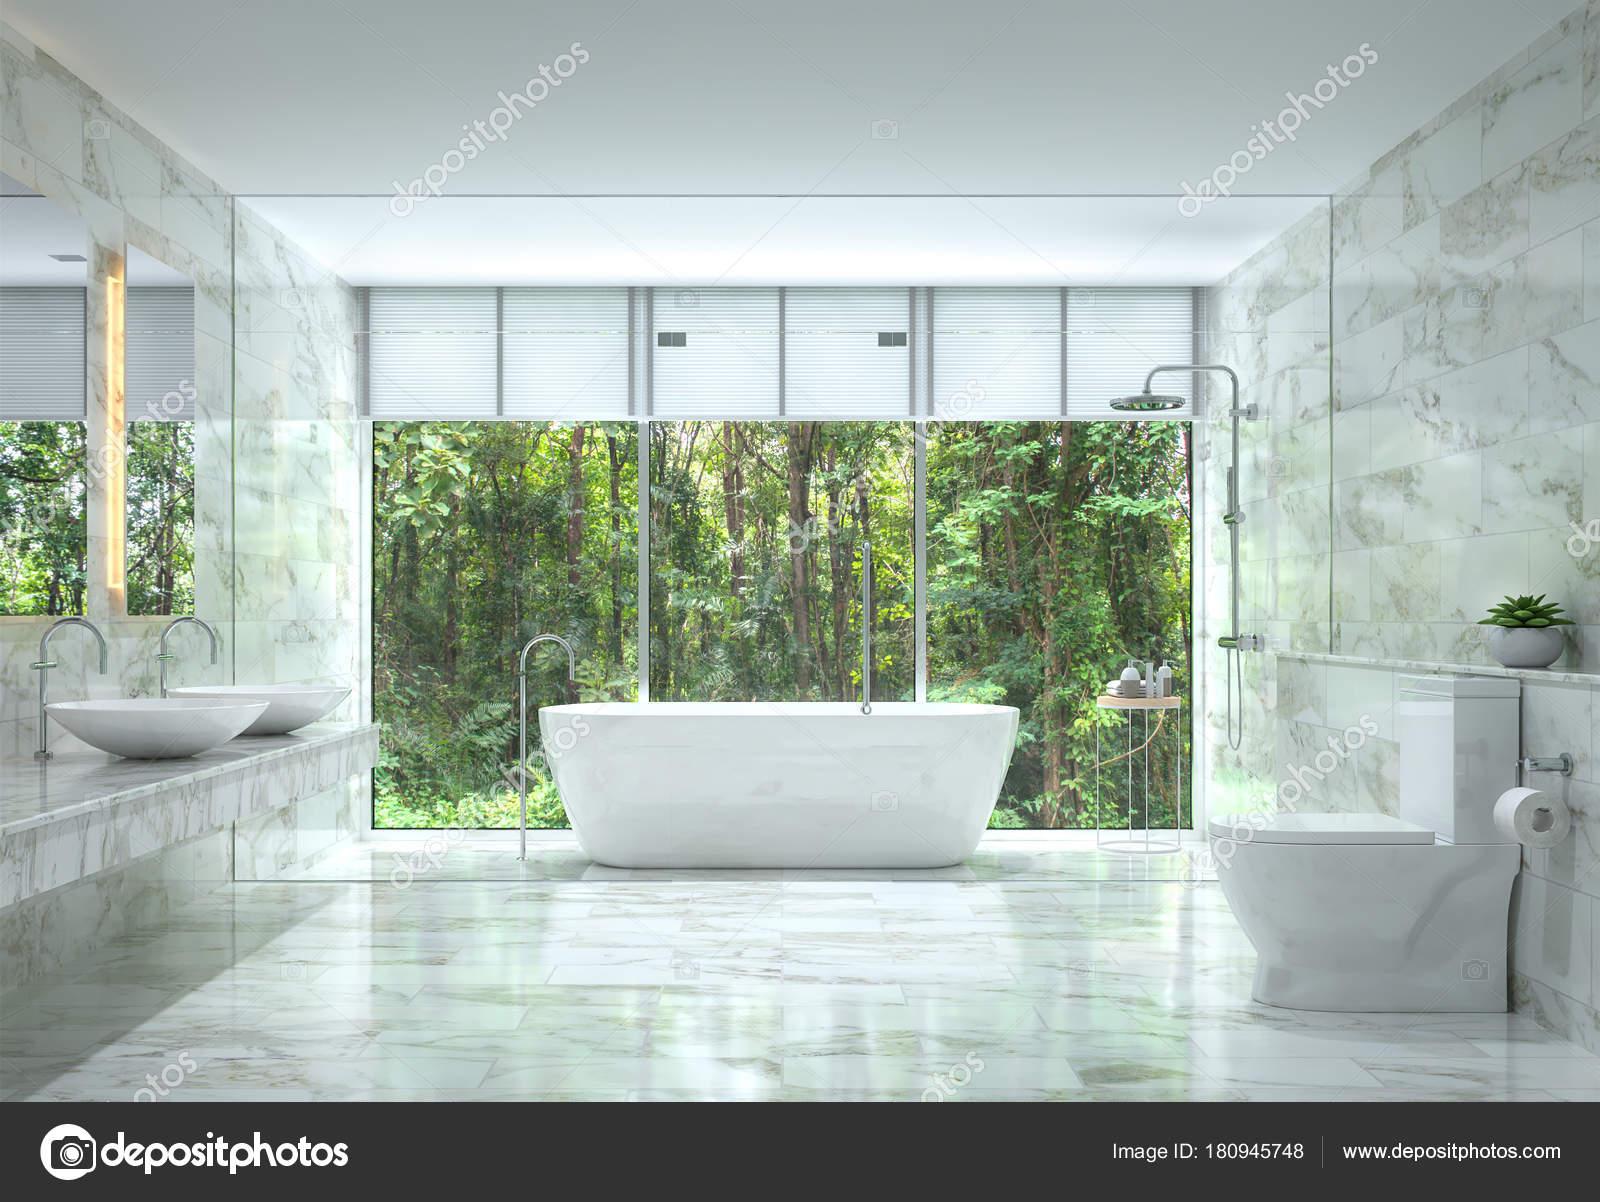 Moderne Luxus Badezimmer Mit Natur View 3d Rendering Bild. Es Gibt Weiße  Marmorfliese Wand Und Boden. Das Zimmer Verfügt über Große Fenster.